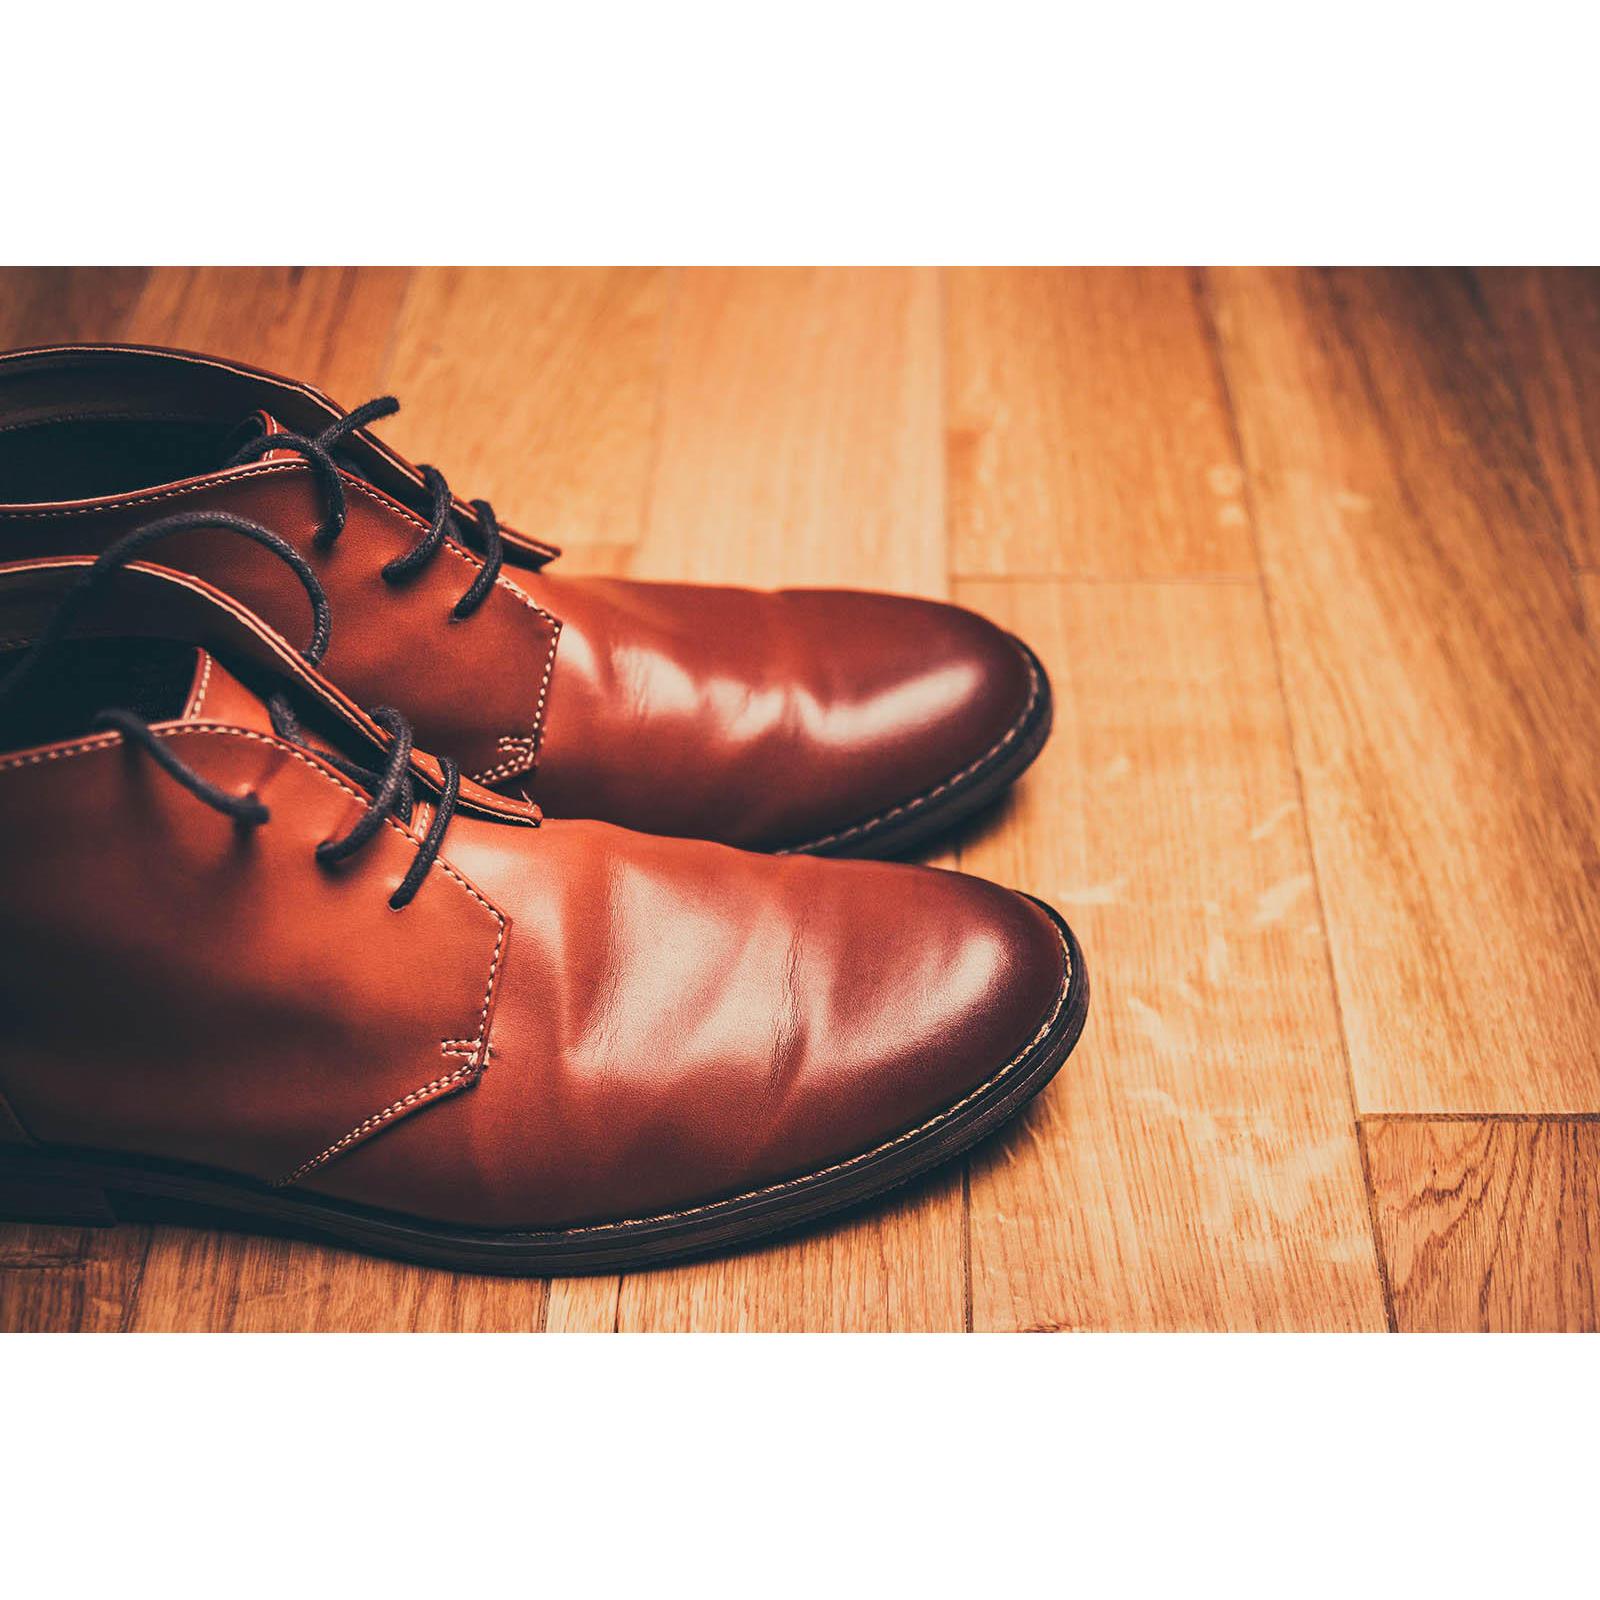 J&J Shoe Repair